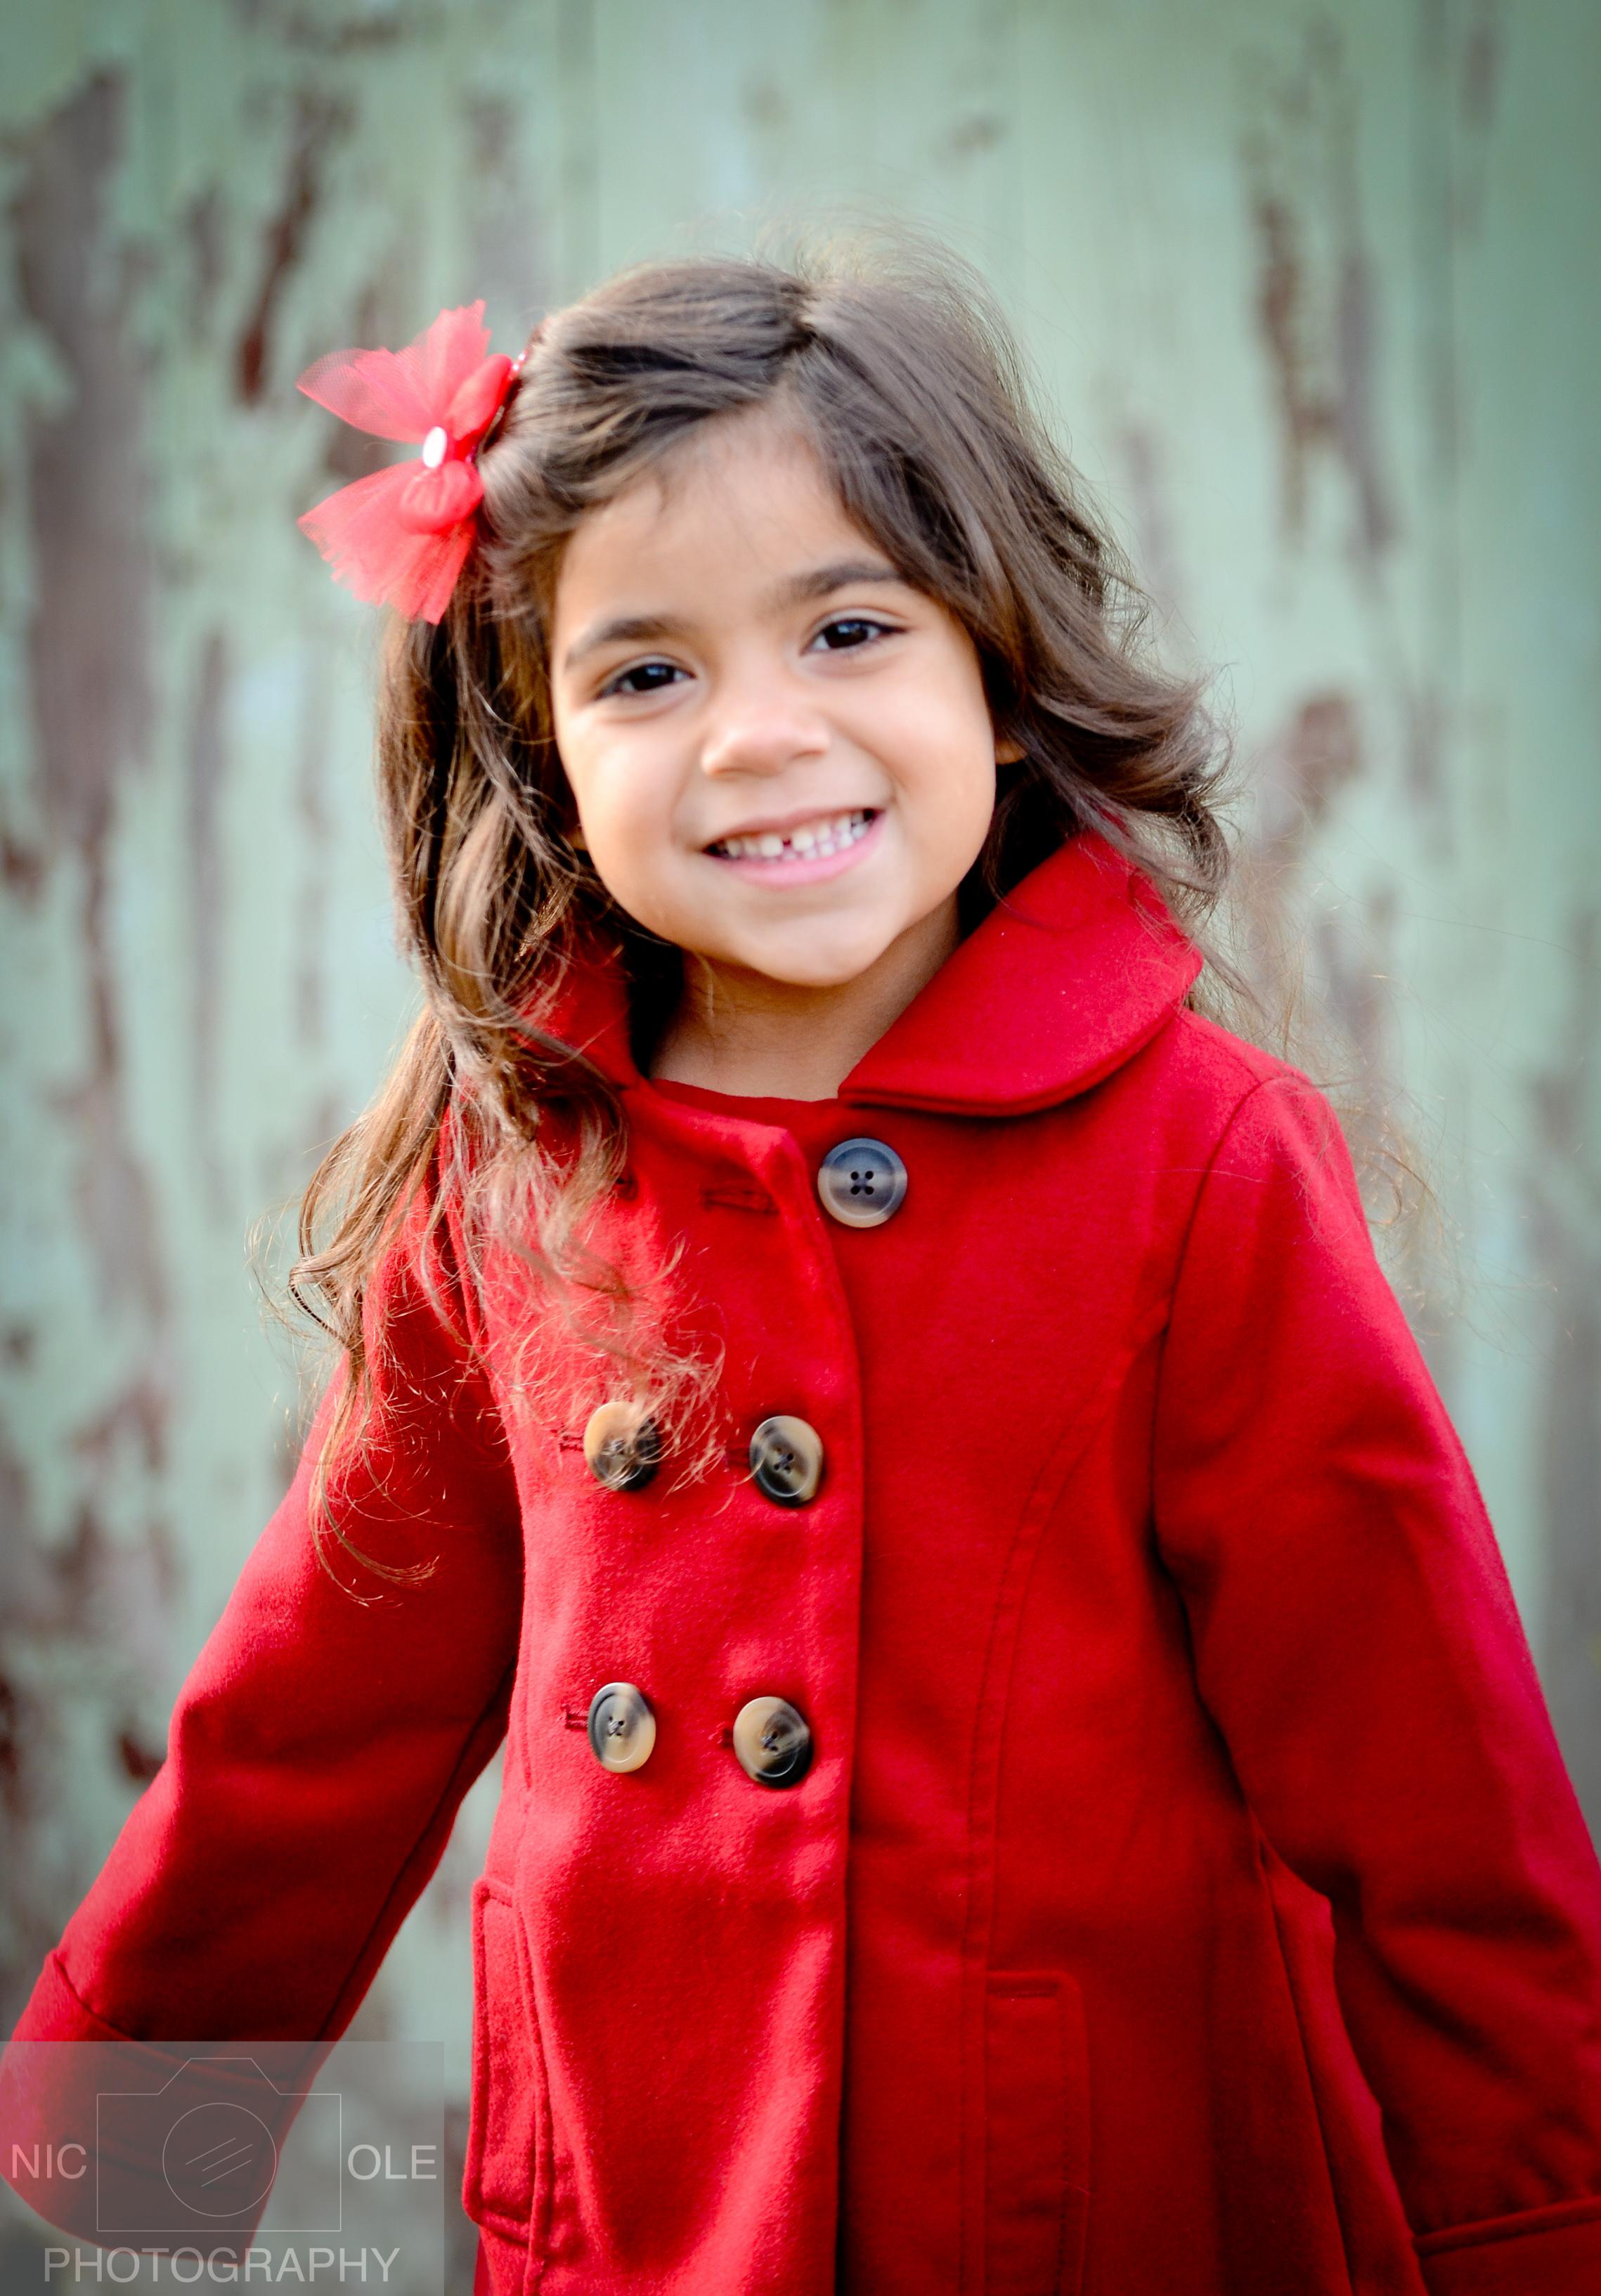 A&C Christmas Photos- Nic.Ole Photography-1.jpg